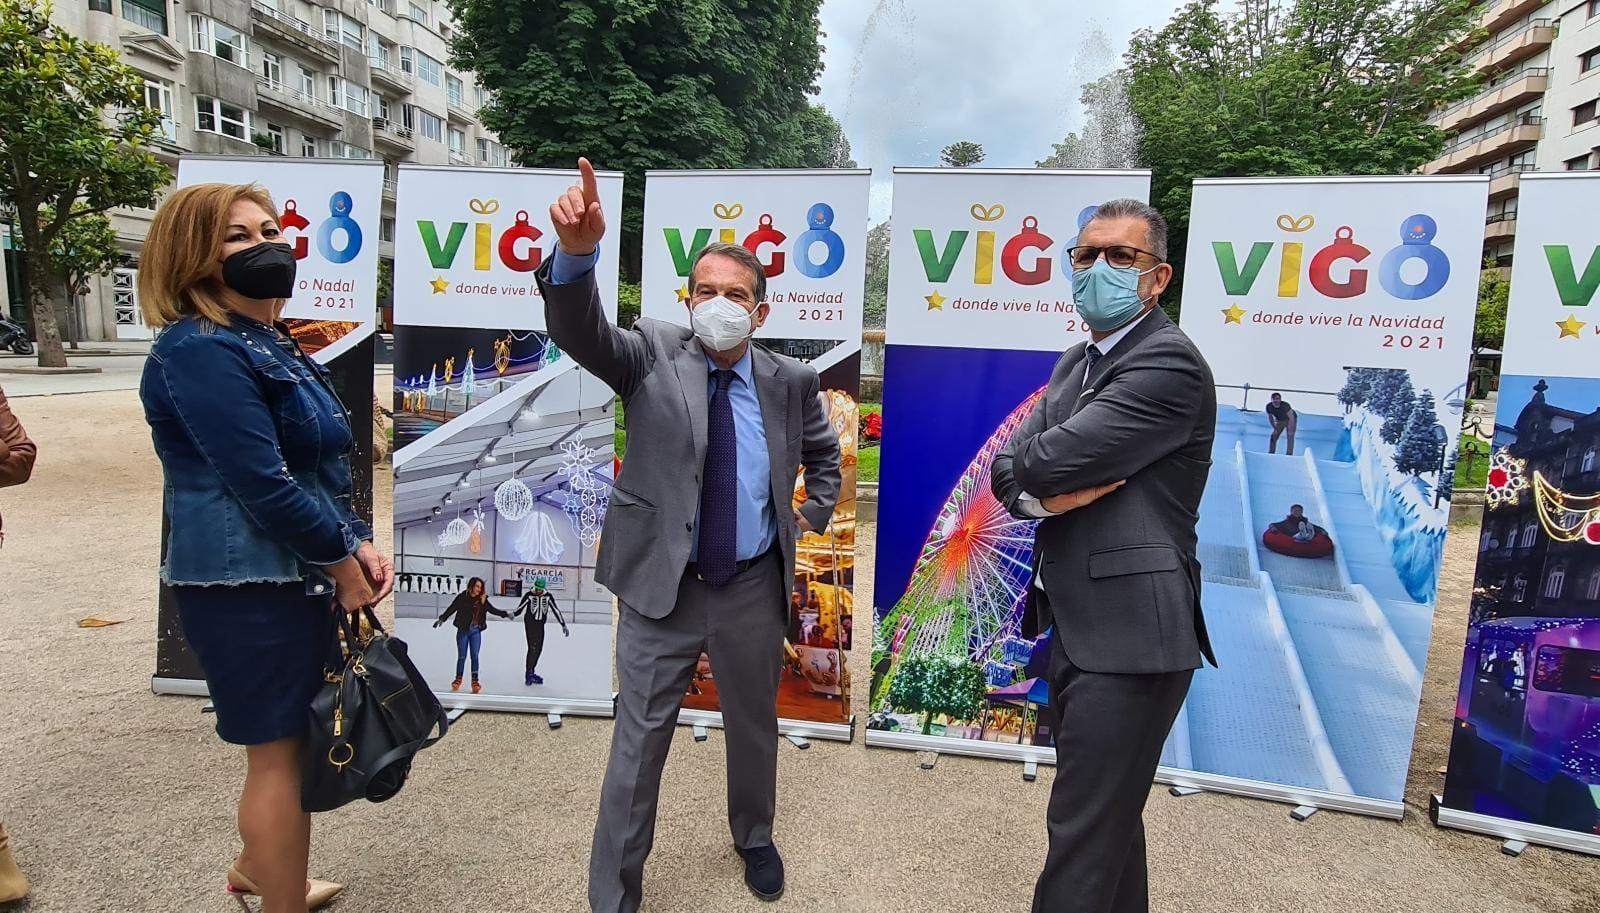 El alcalde presentó este 1 de junio la Navidad de Vigo